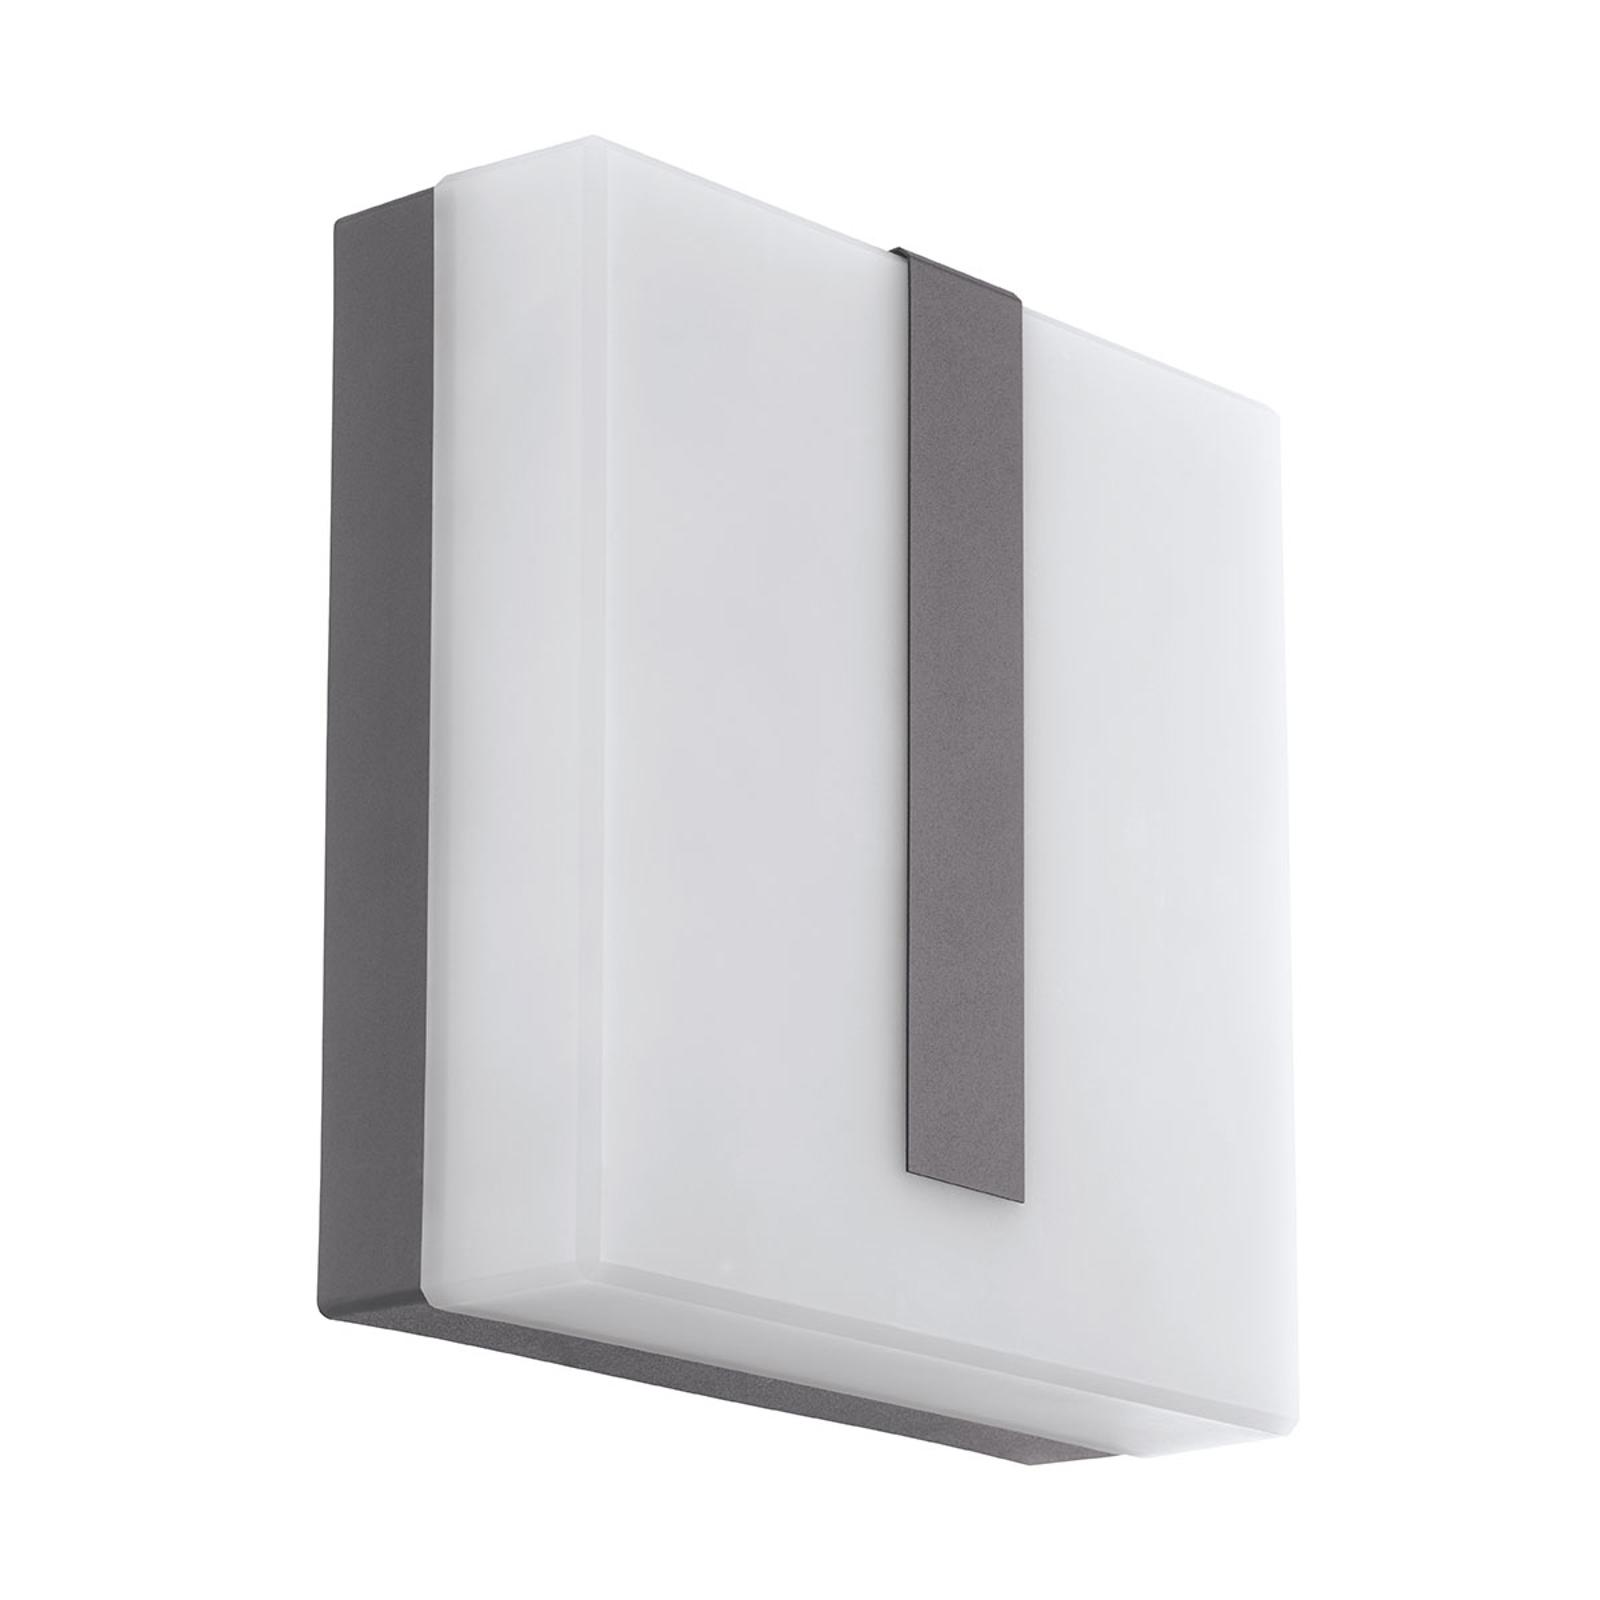 EGLO connect Torazza-C utendørs LED-vegglampe